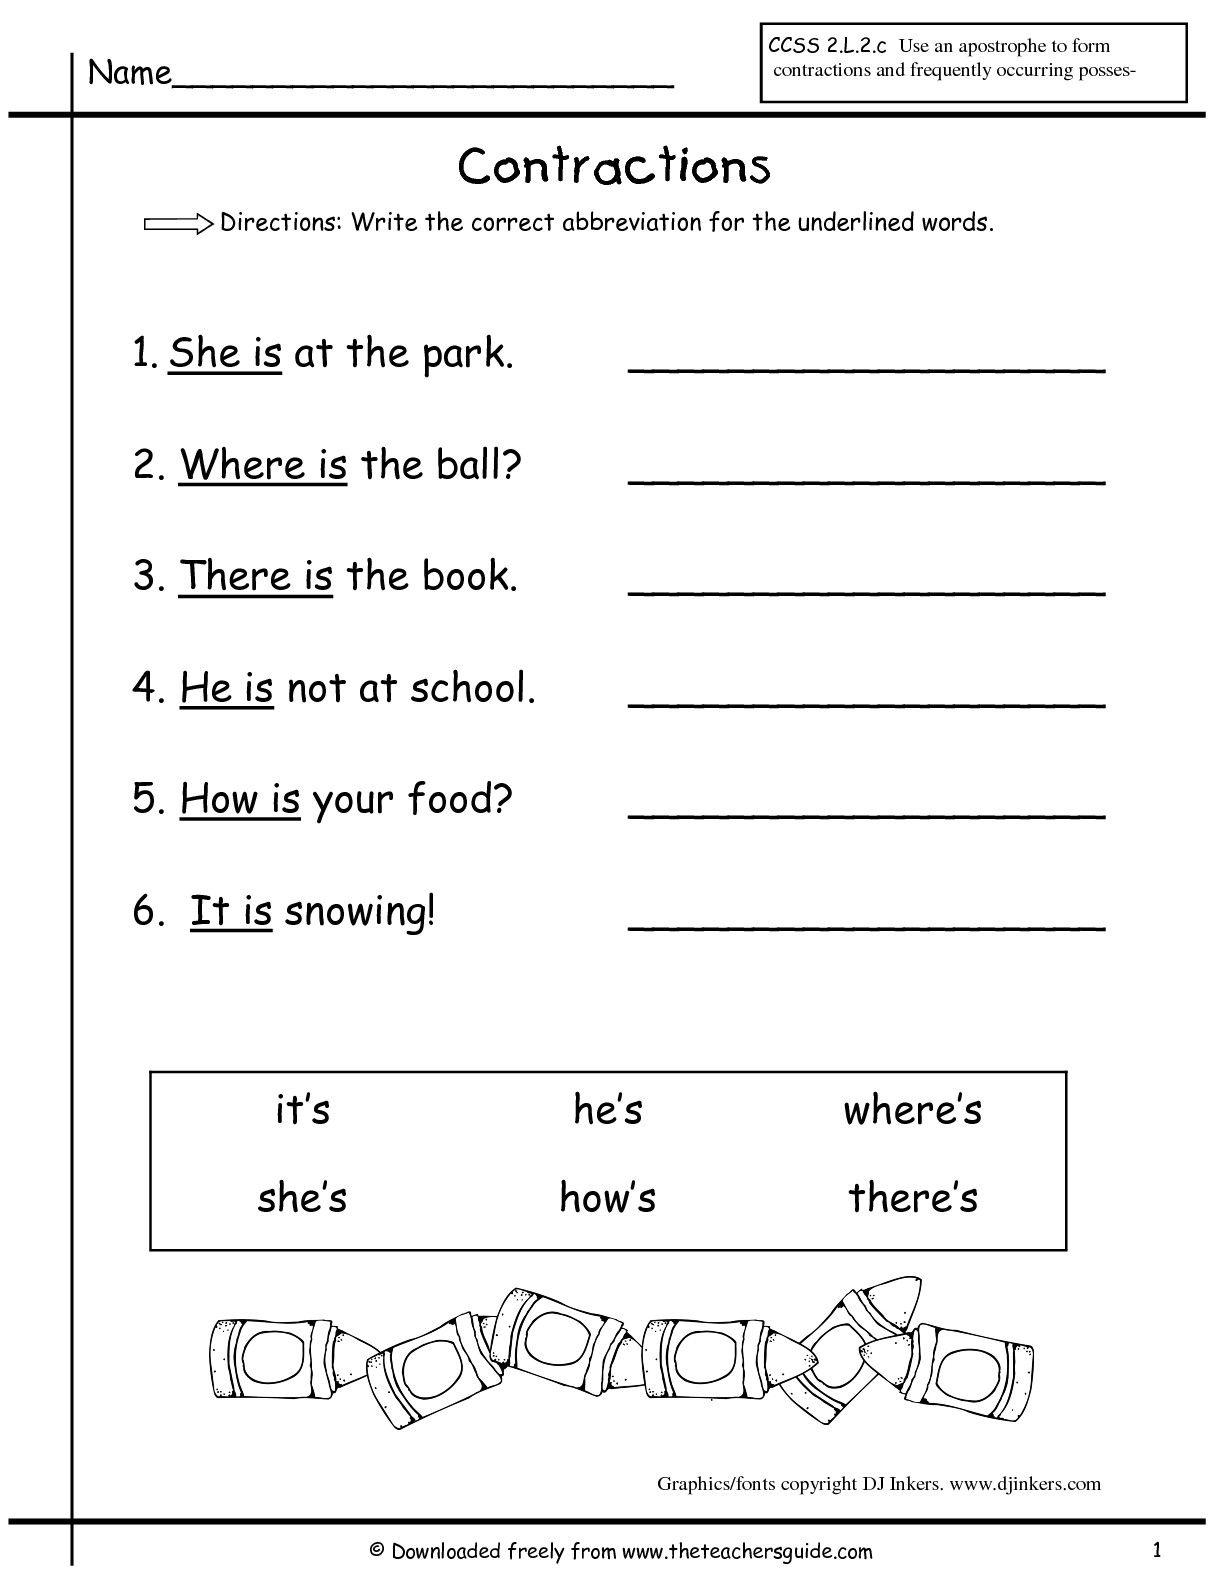 23 Best 1st Grade Worksheets Images On Best Worksheets